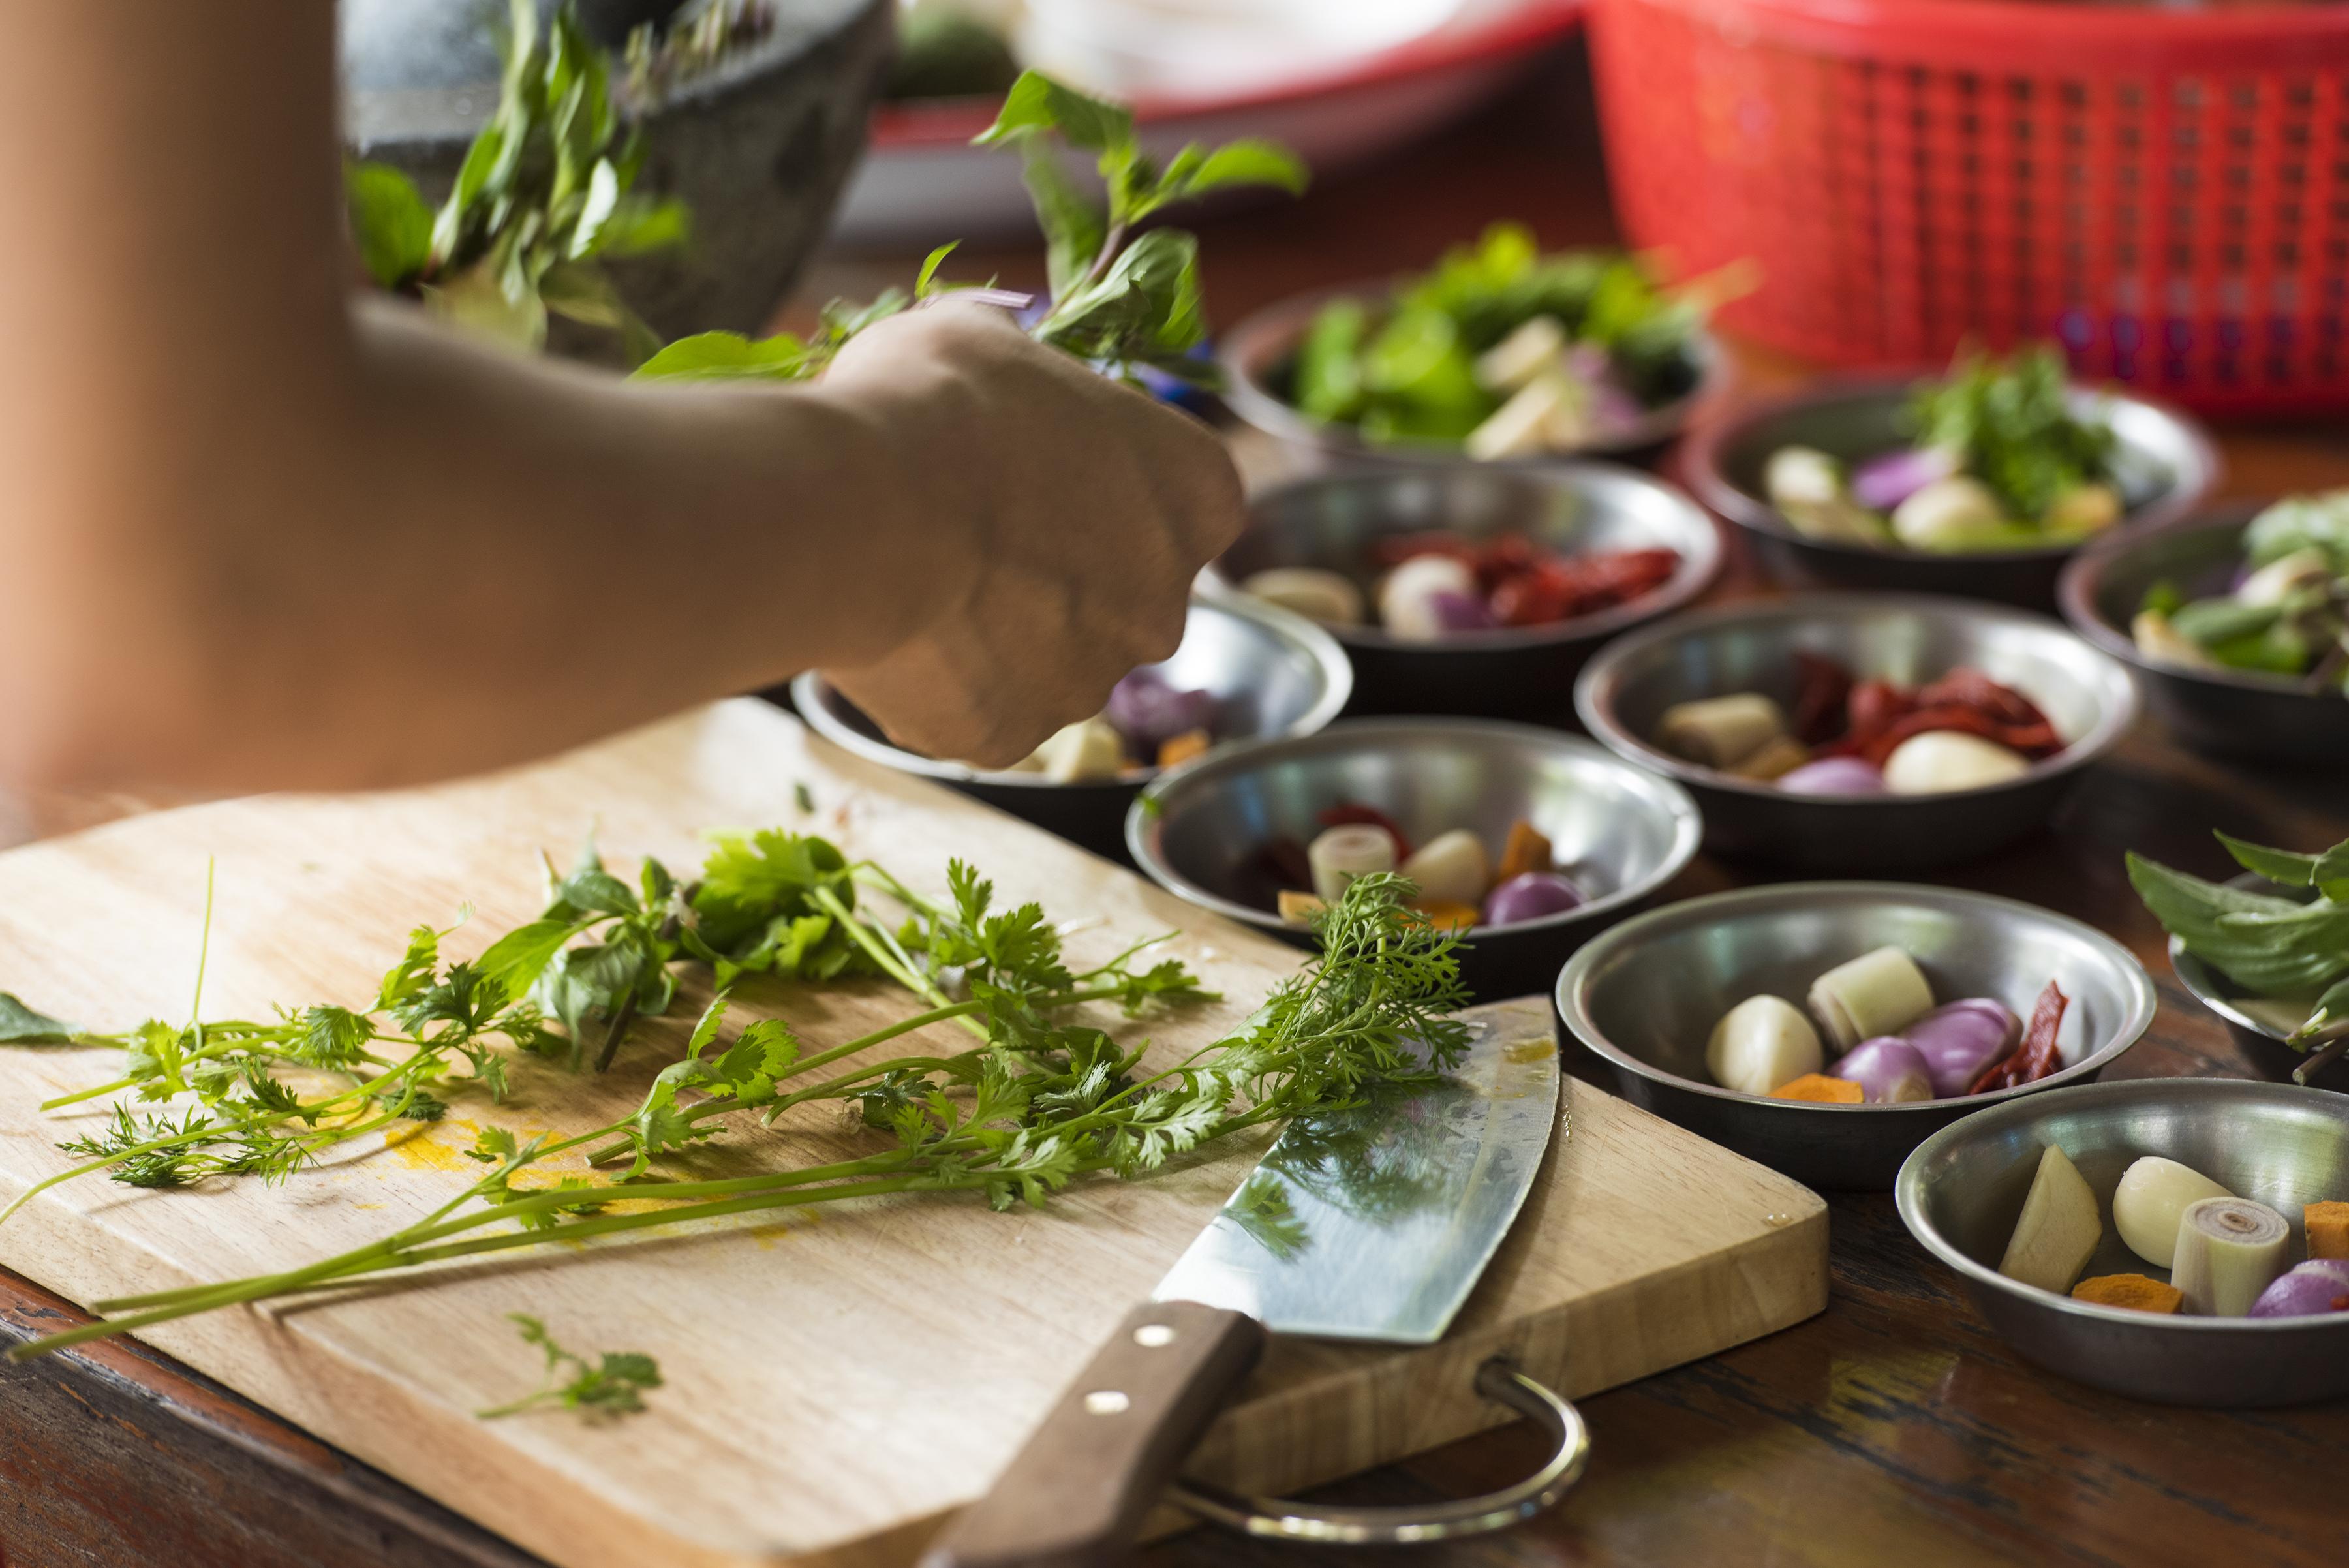 Thai ingredients board